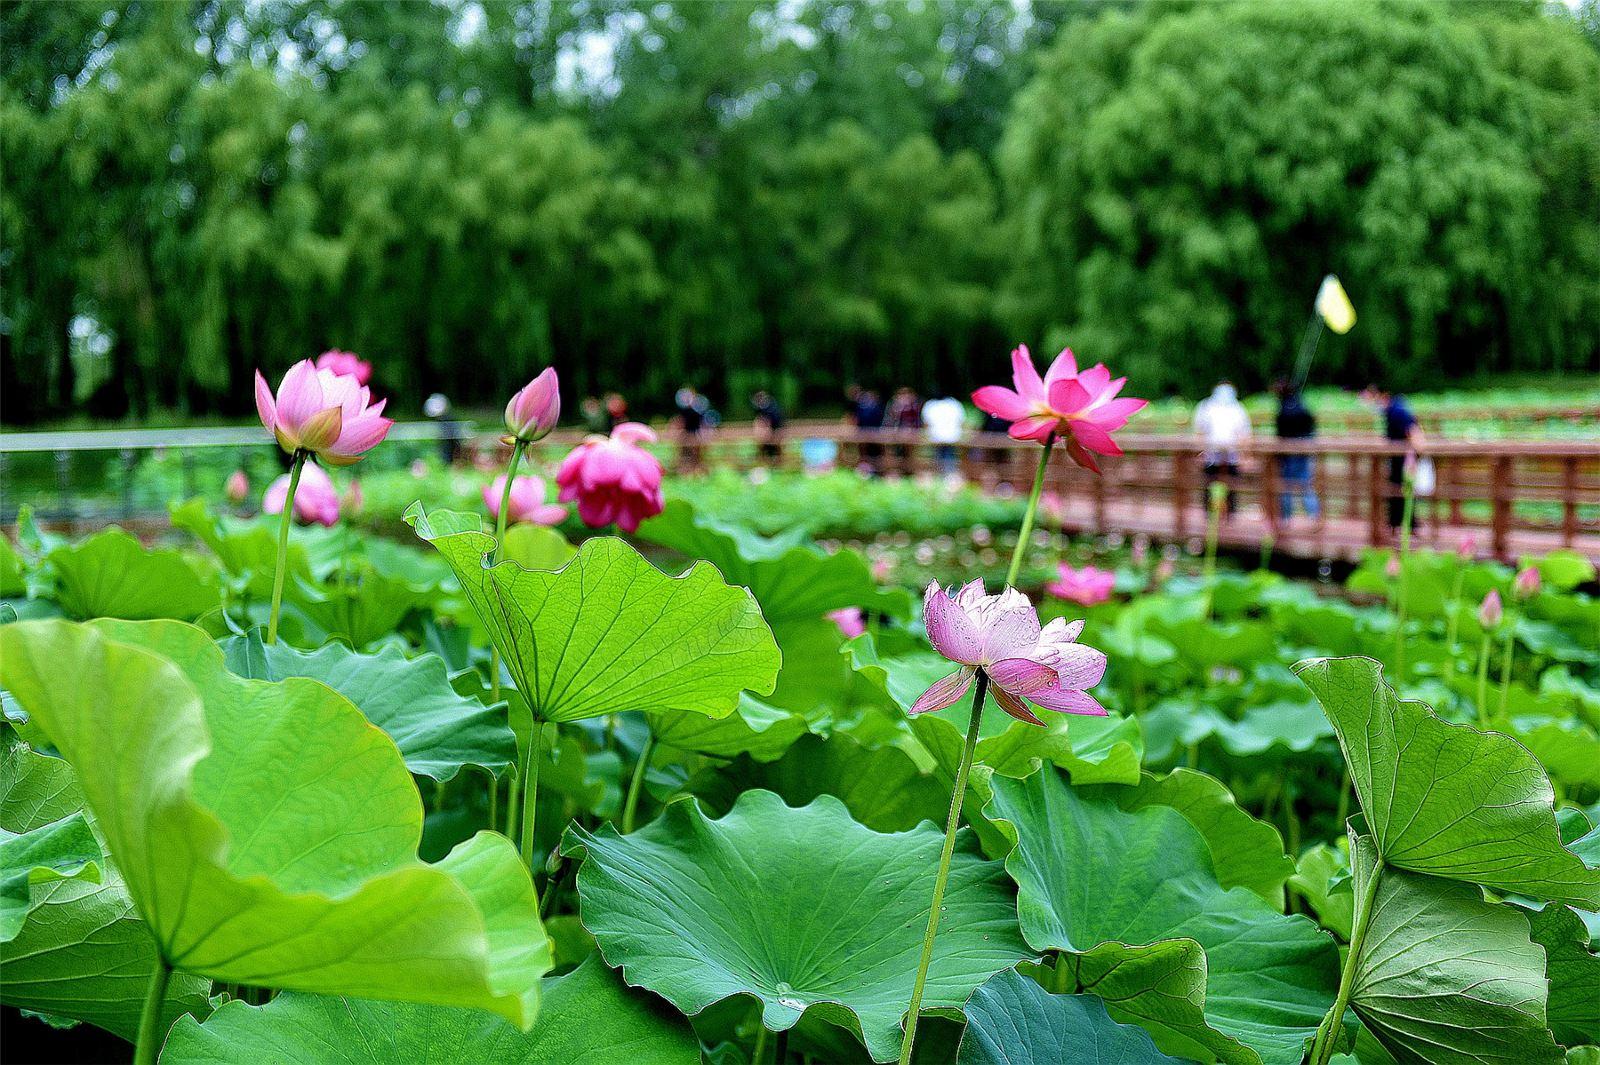 【滕州】微山湖红荷湿地景区